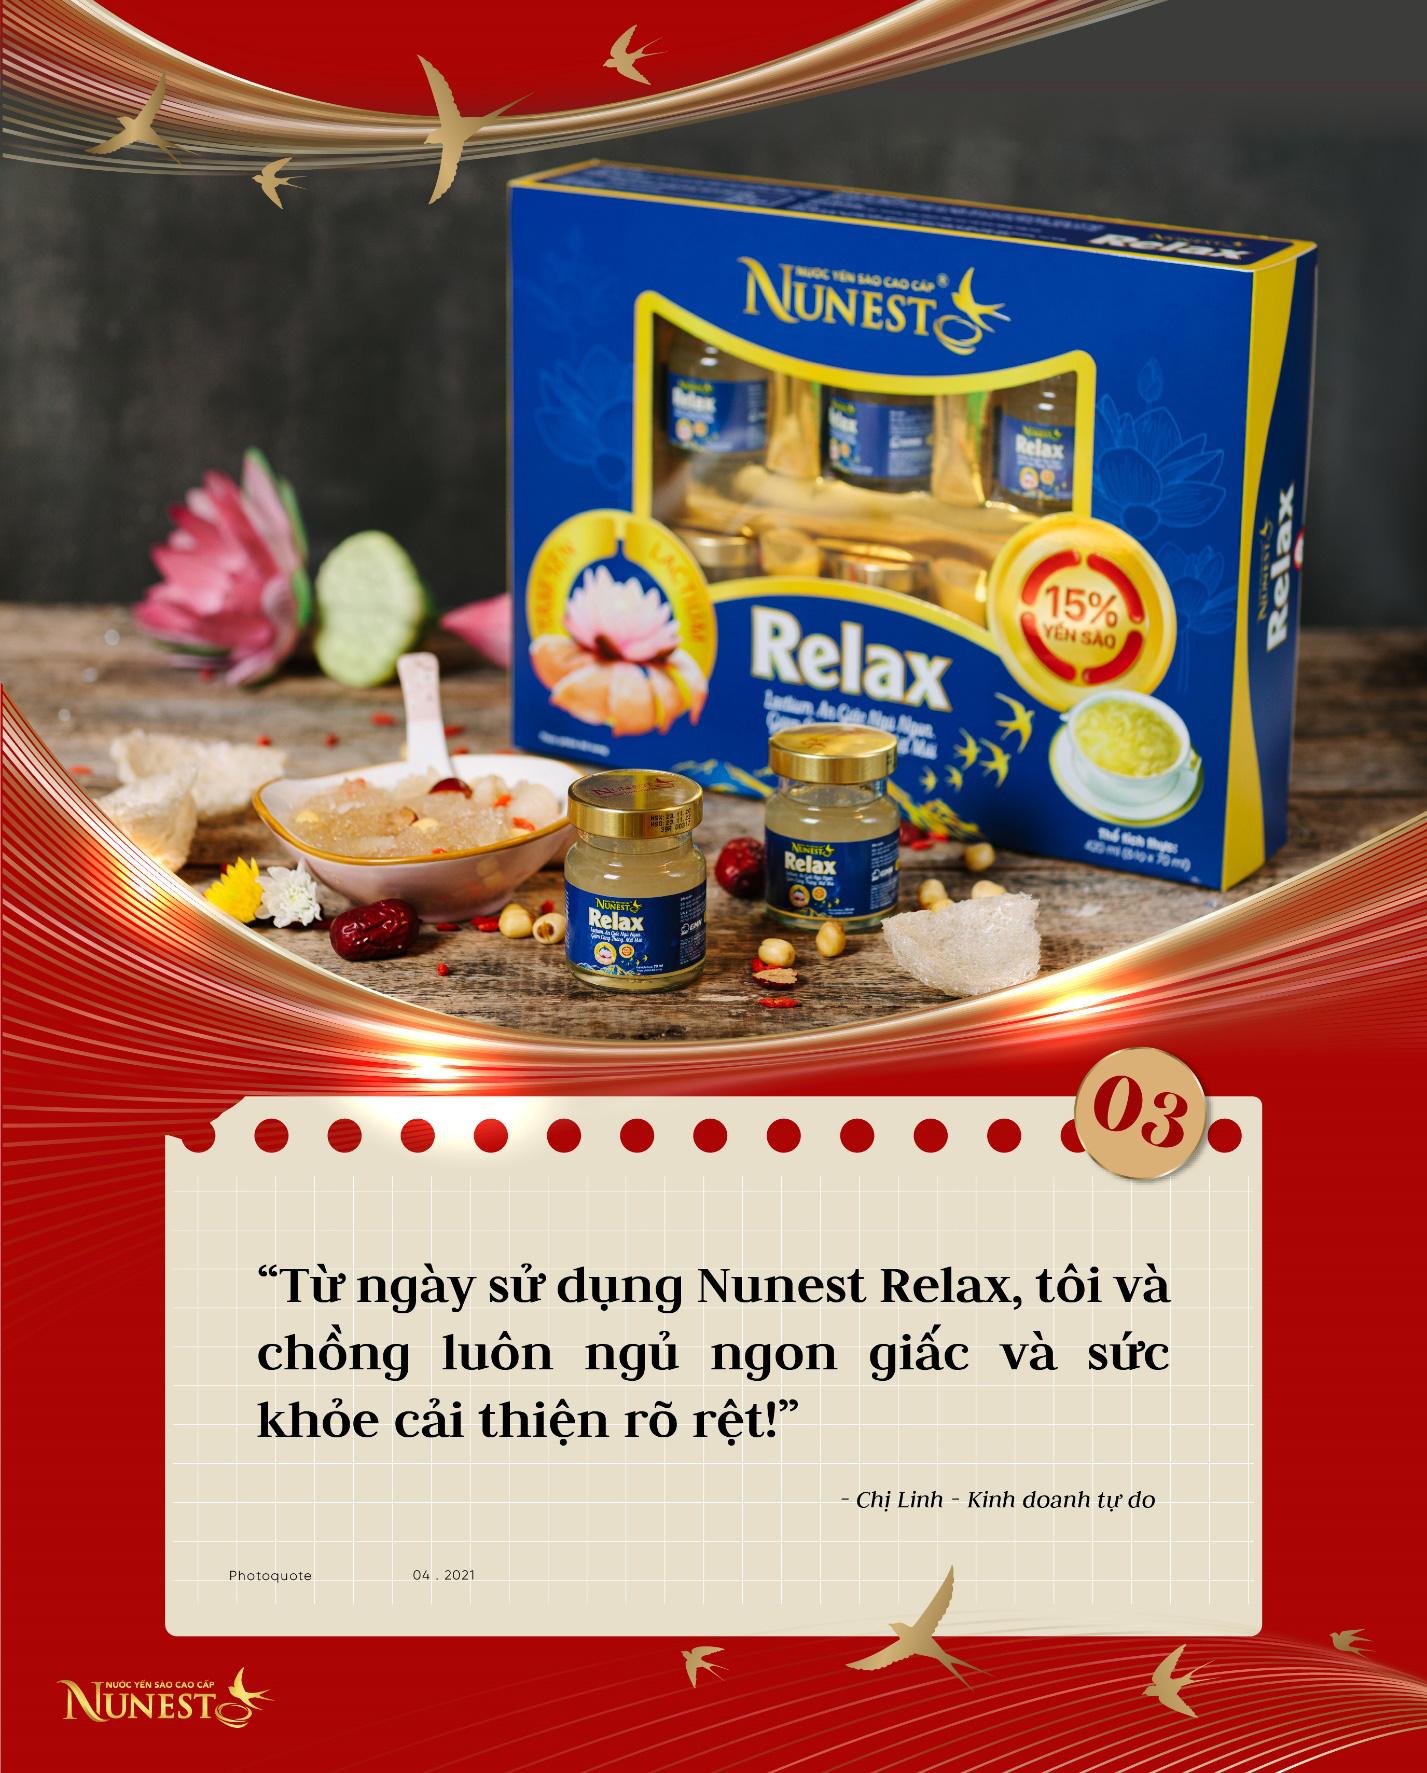 """Top 5 siêu phẩm """"đắt xắt ra miếng"""" trong Combo dinh dưỡng cho cả nhà của thương hiệu yến sào Nunest - Ảnh 3."""